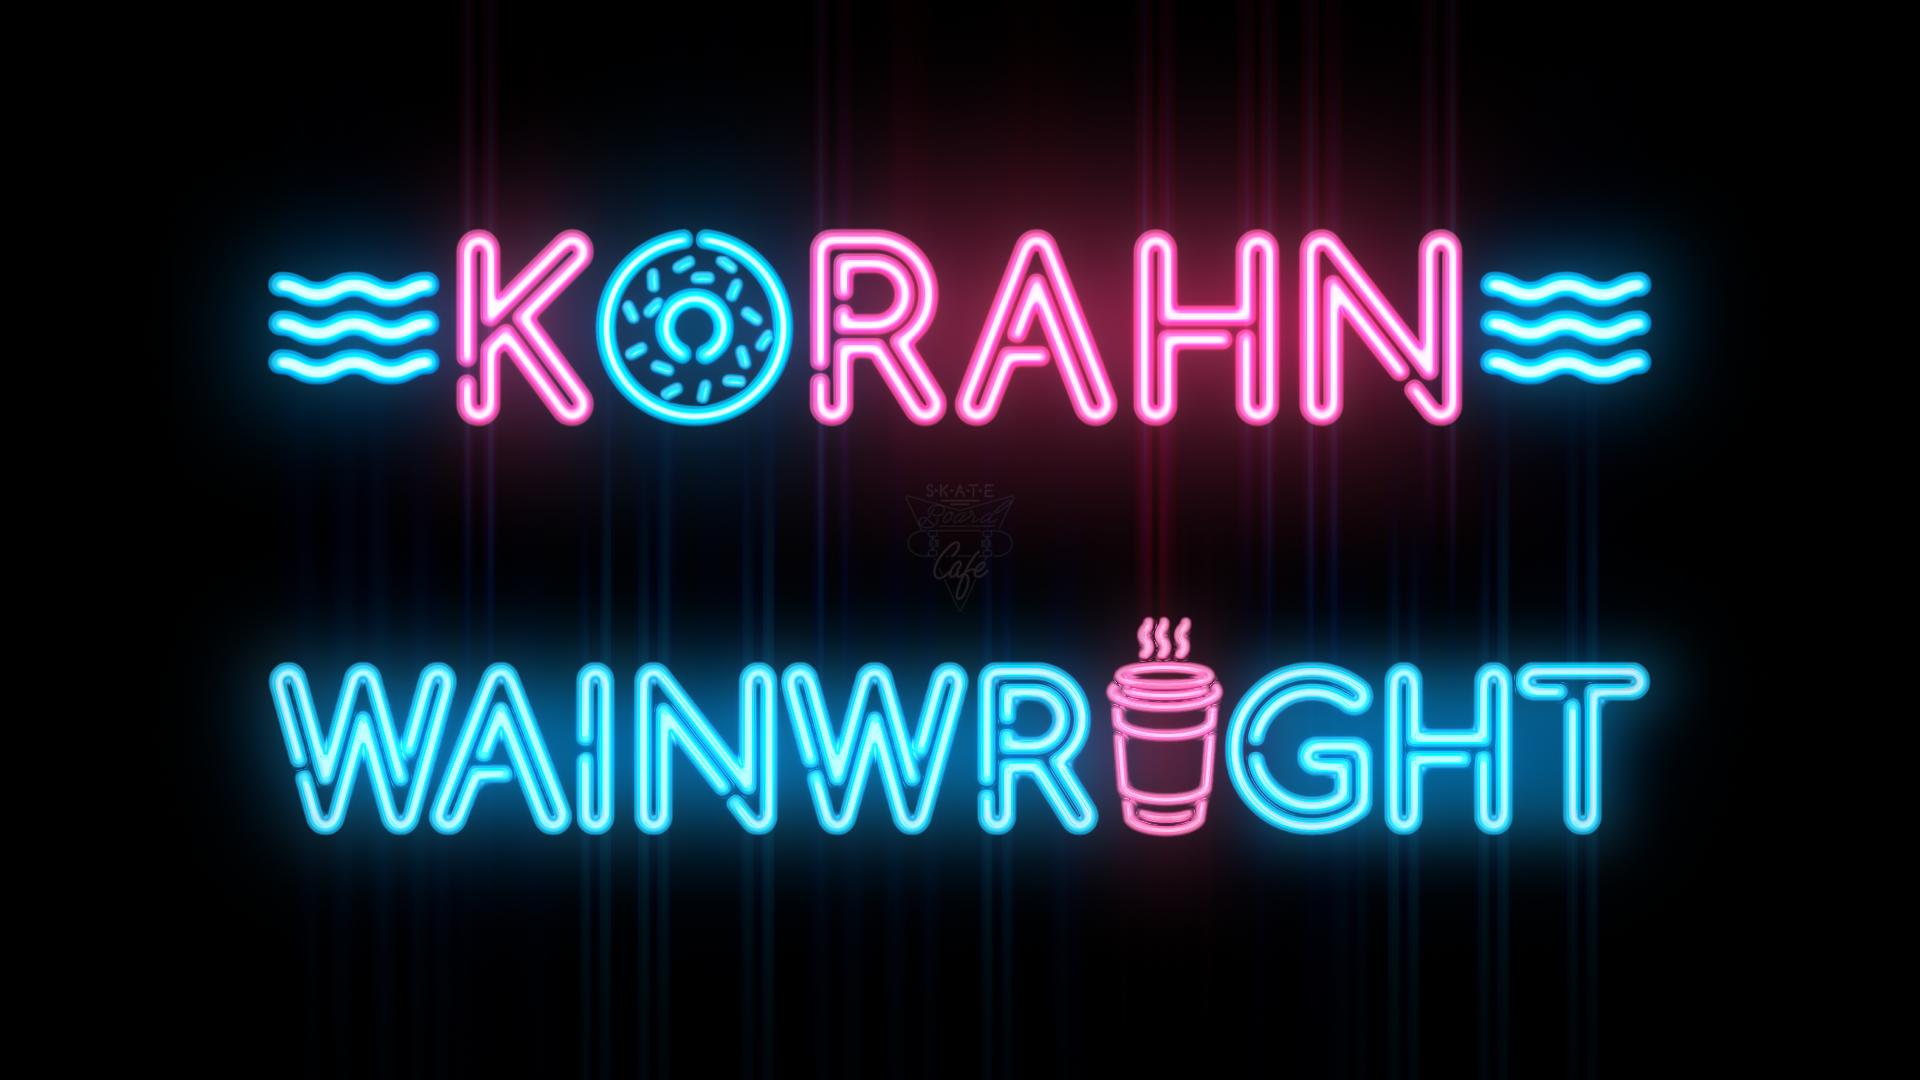 2015-06-Skate-Cafe-Wainwright-Korahn-2-up-00250